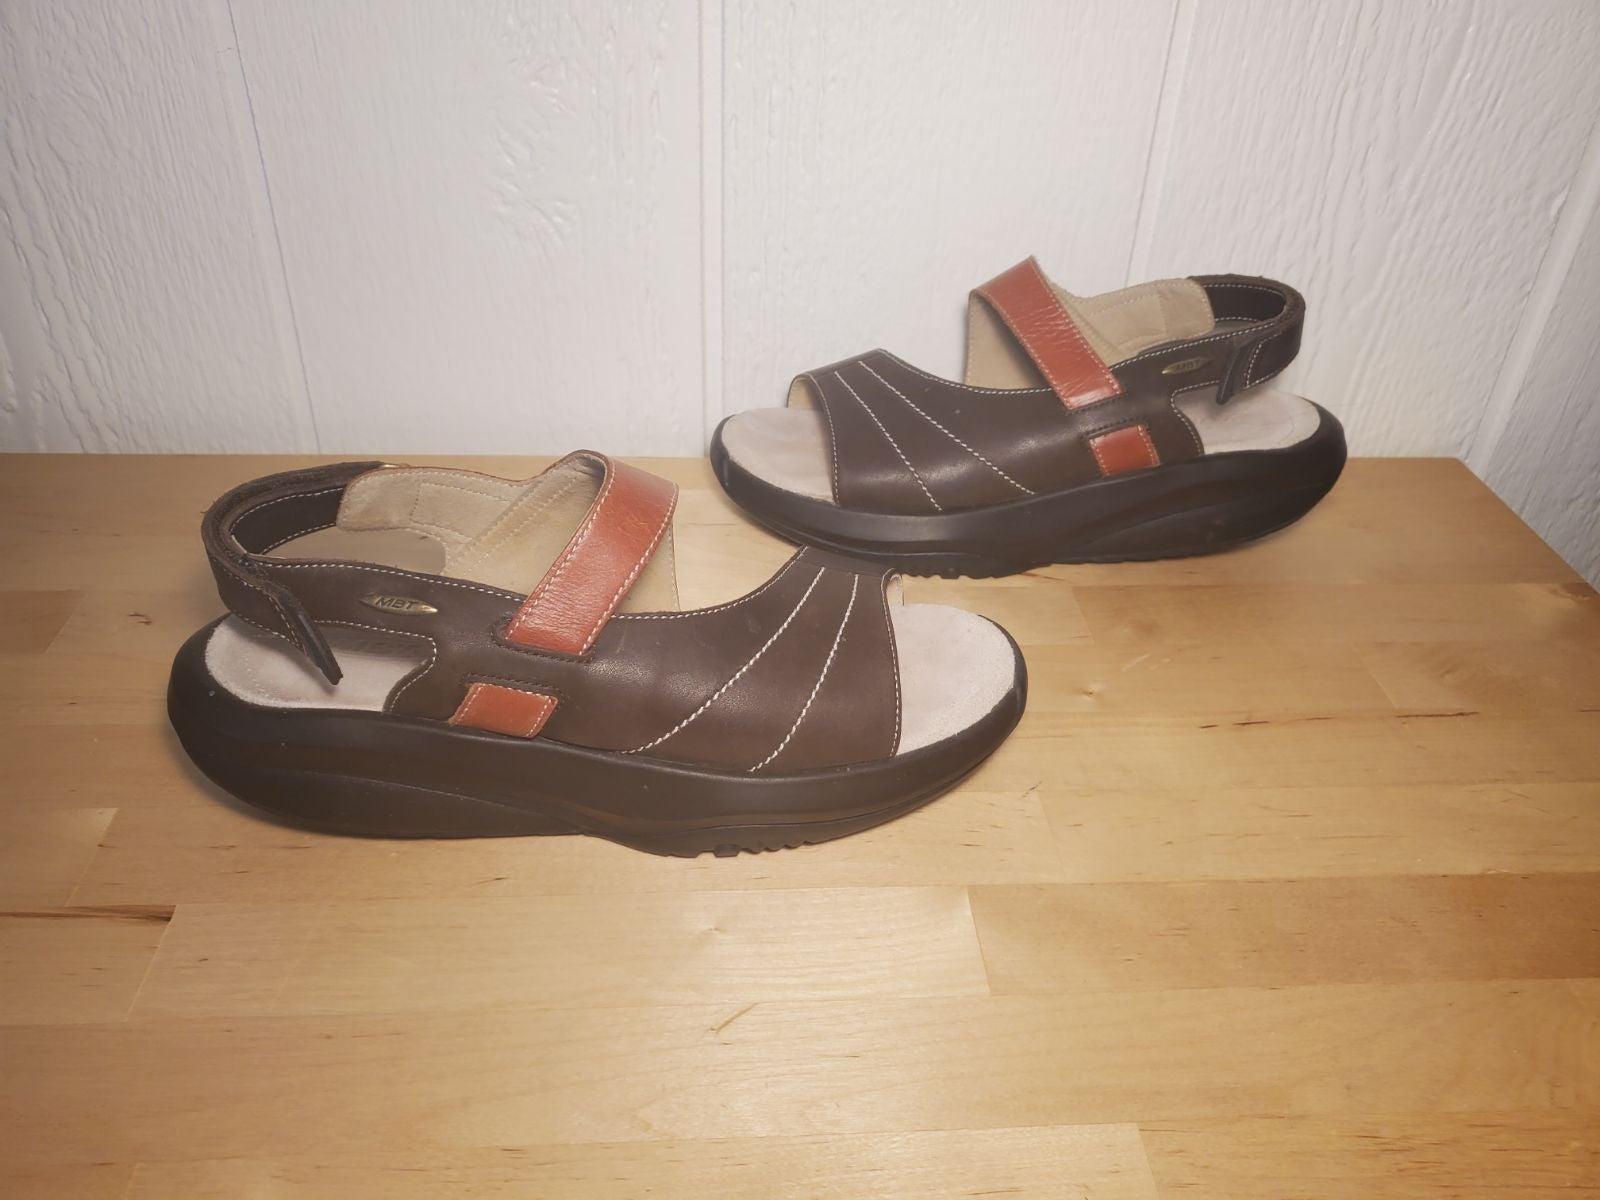 MBT Ema Swiss Womens Rocker Sandals sz10